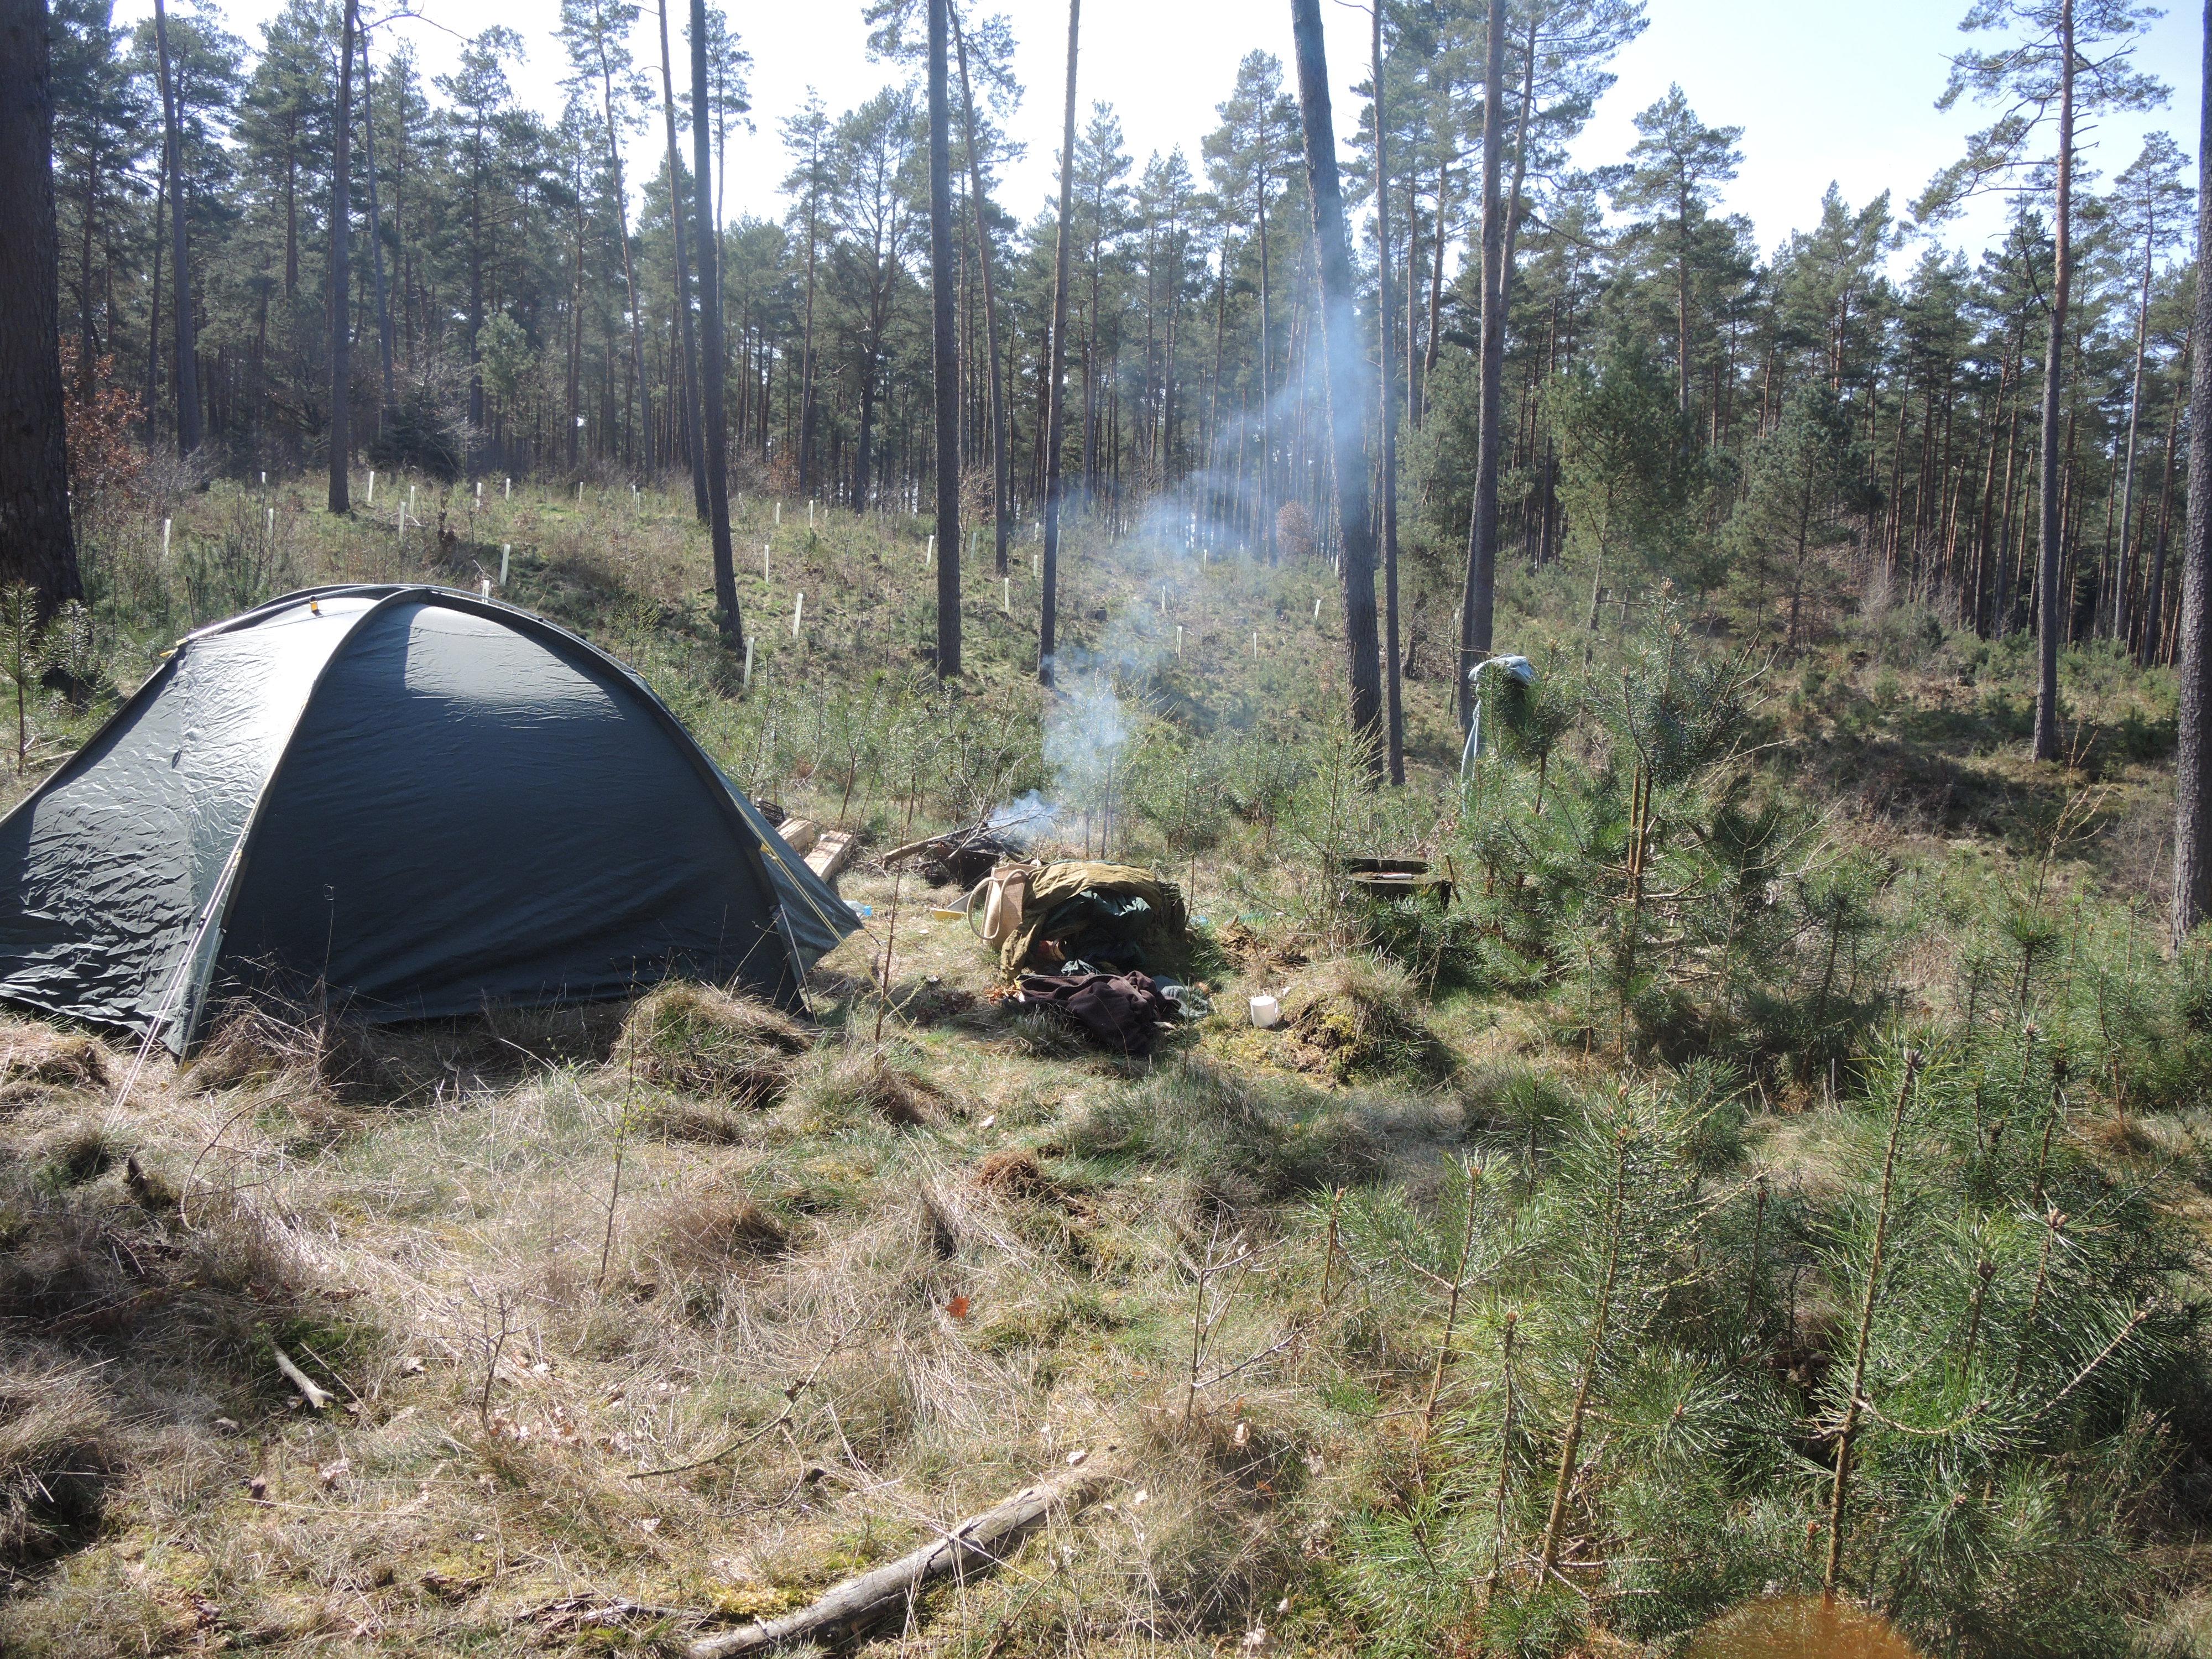 Wald mit Wuchshüllen und Zelt